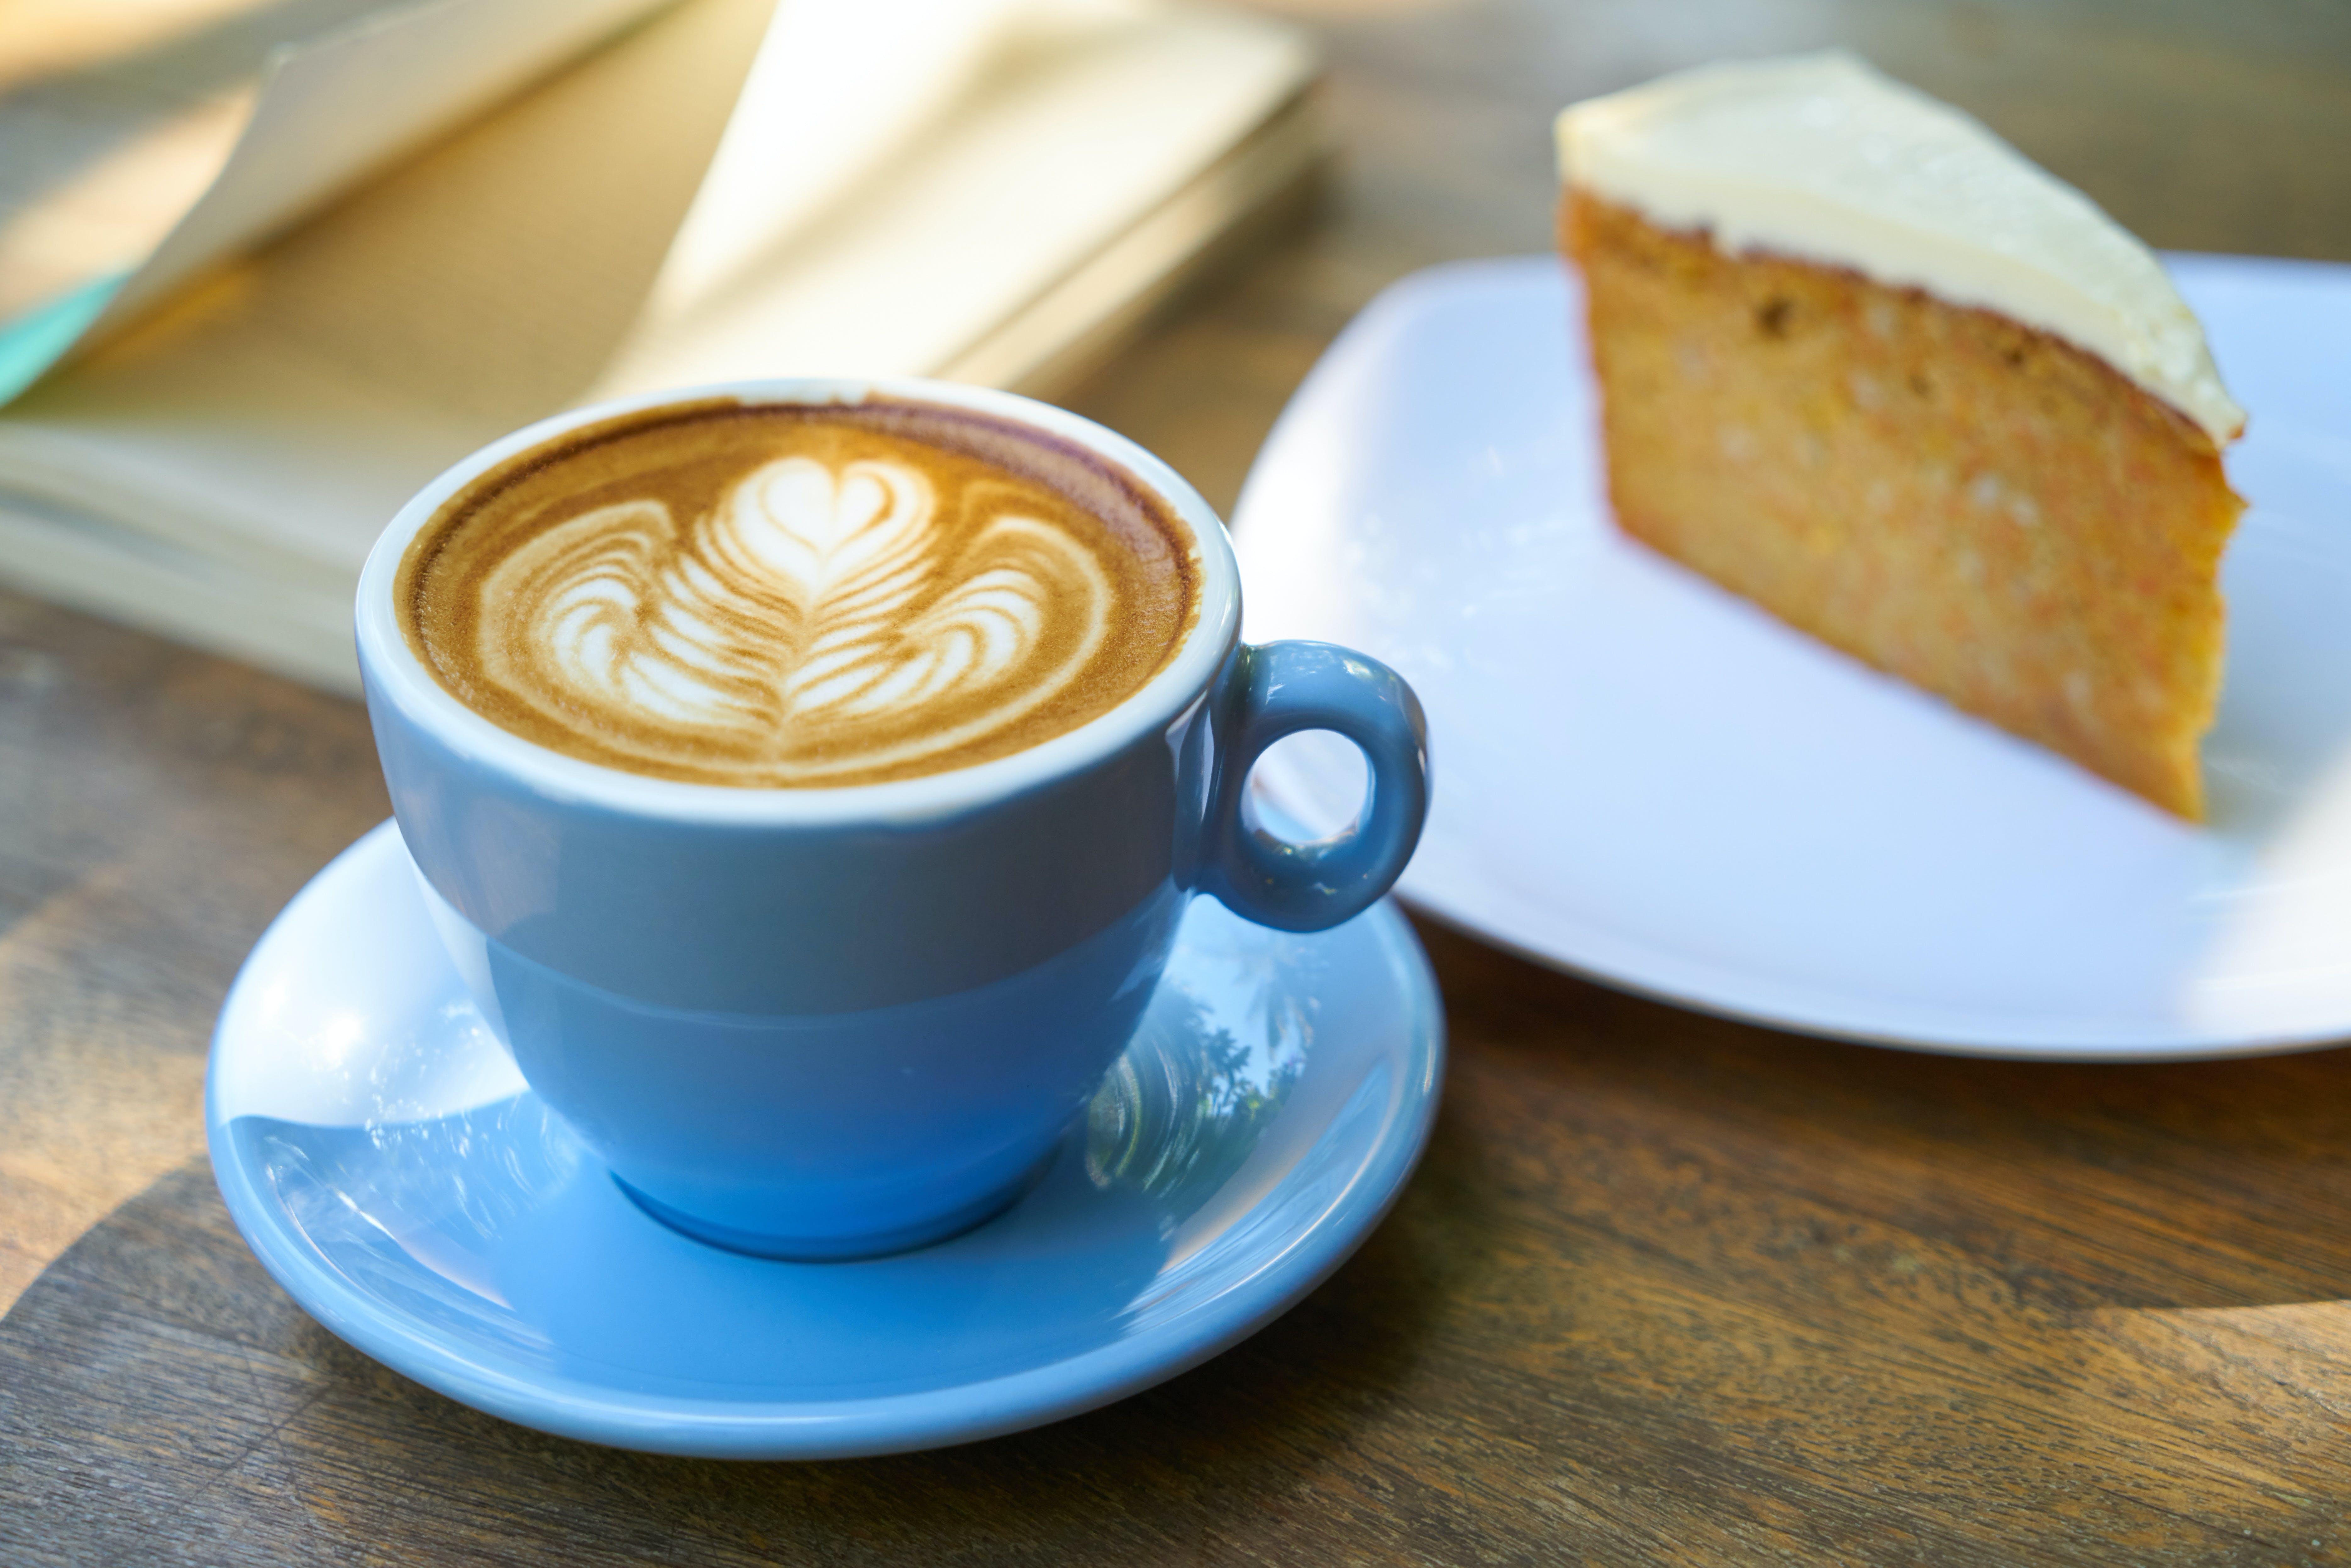 beverage, café, caffeine